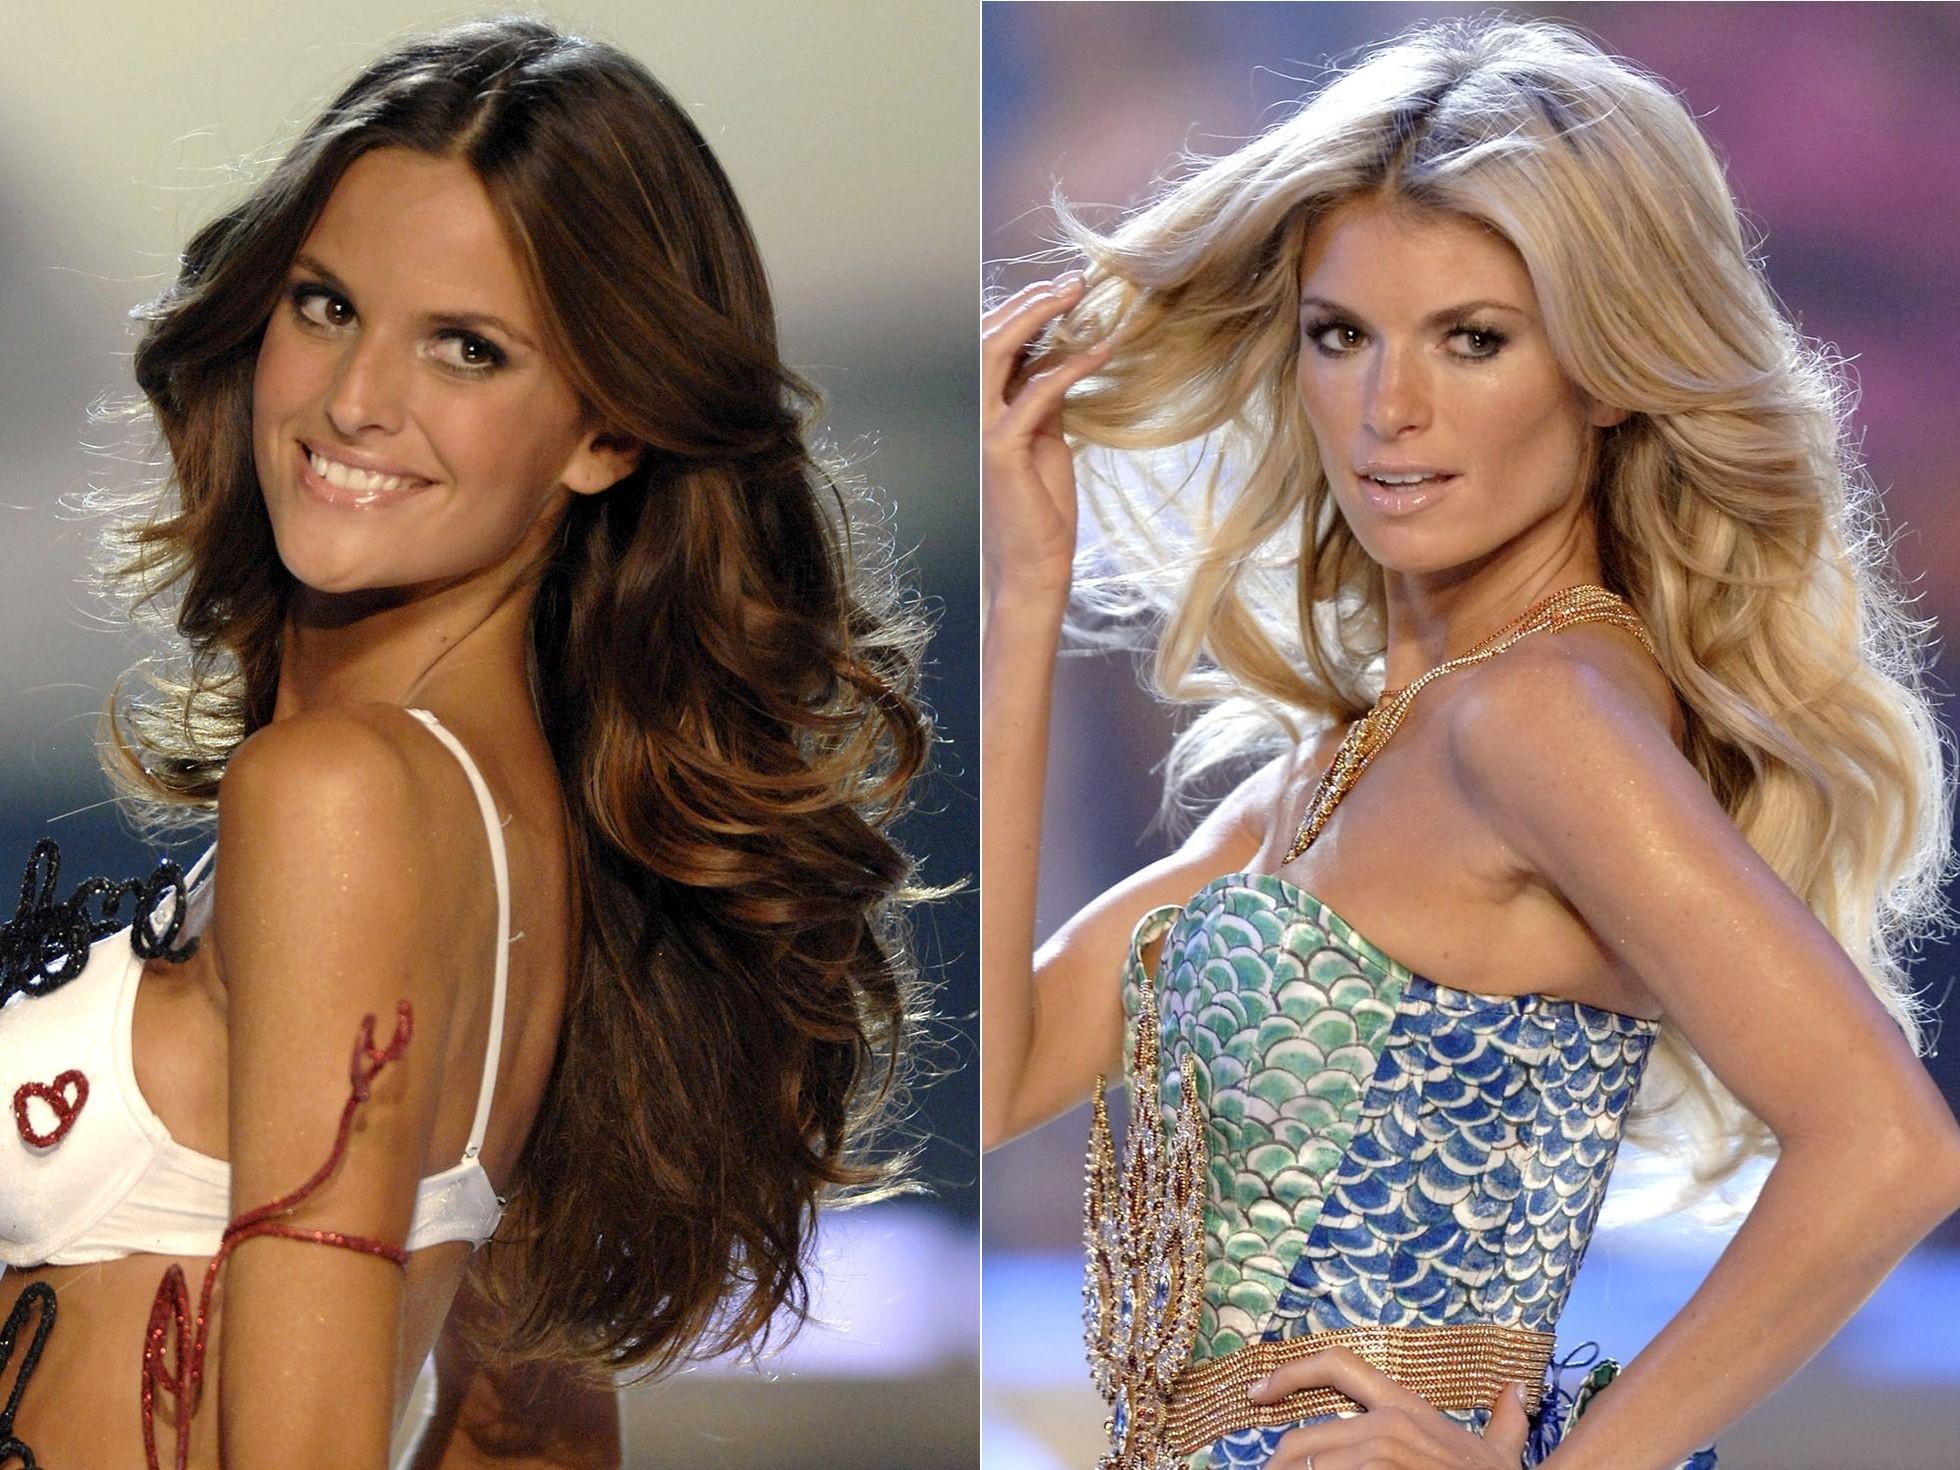 Cách makeup của thiên thần Victorias Secret 2 thập kỷ qua: luôn đơn giản, tự nhiên nhưng sexy đến tột cùng - Ảnh 10.